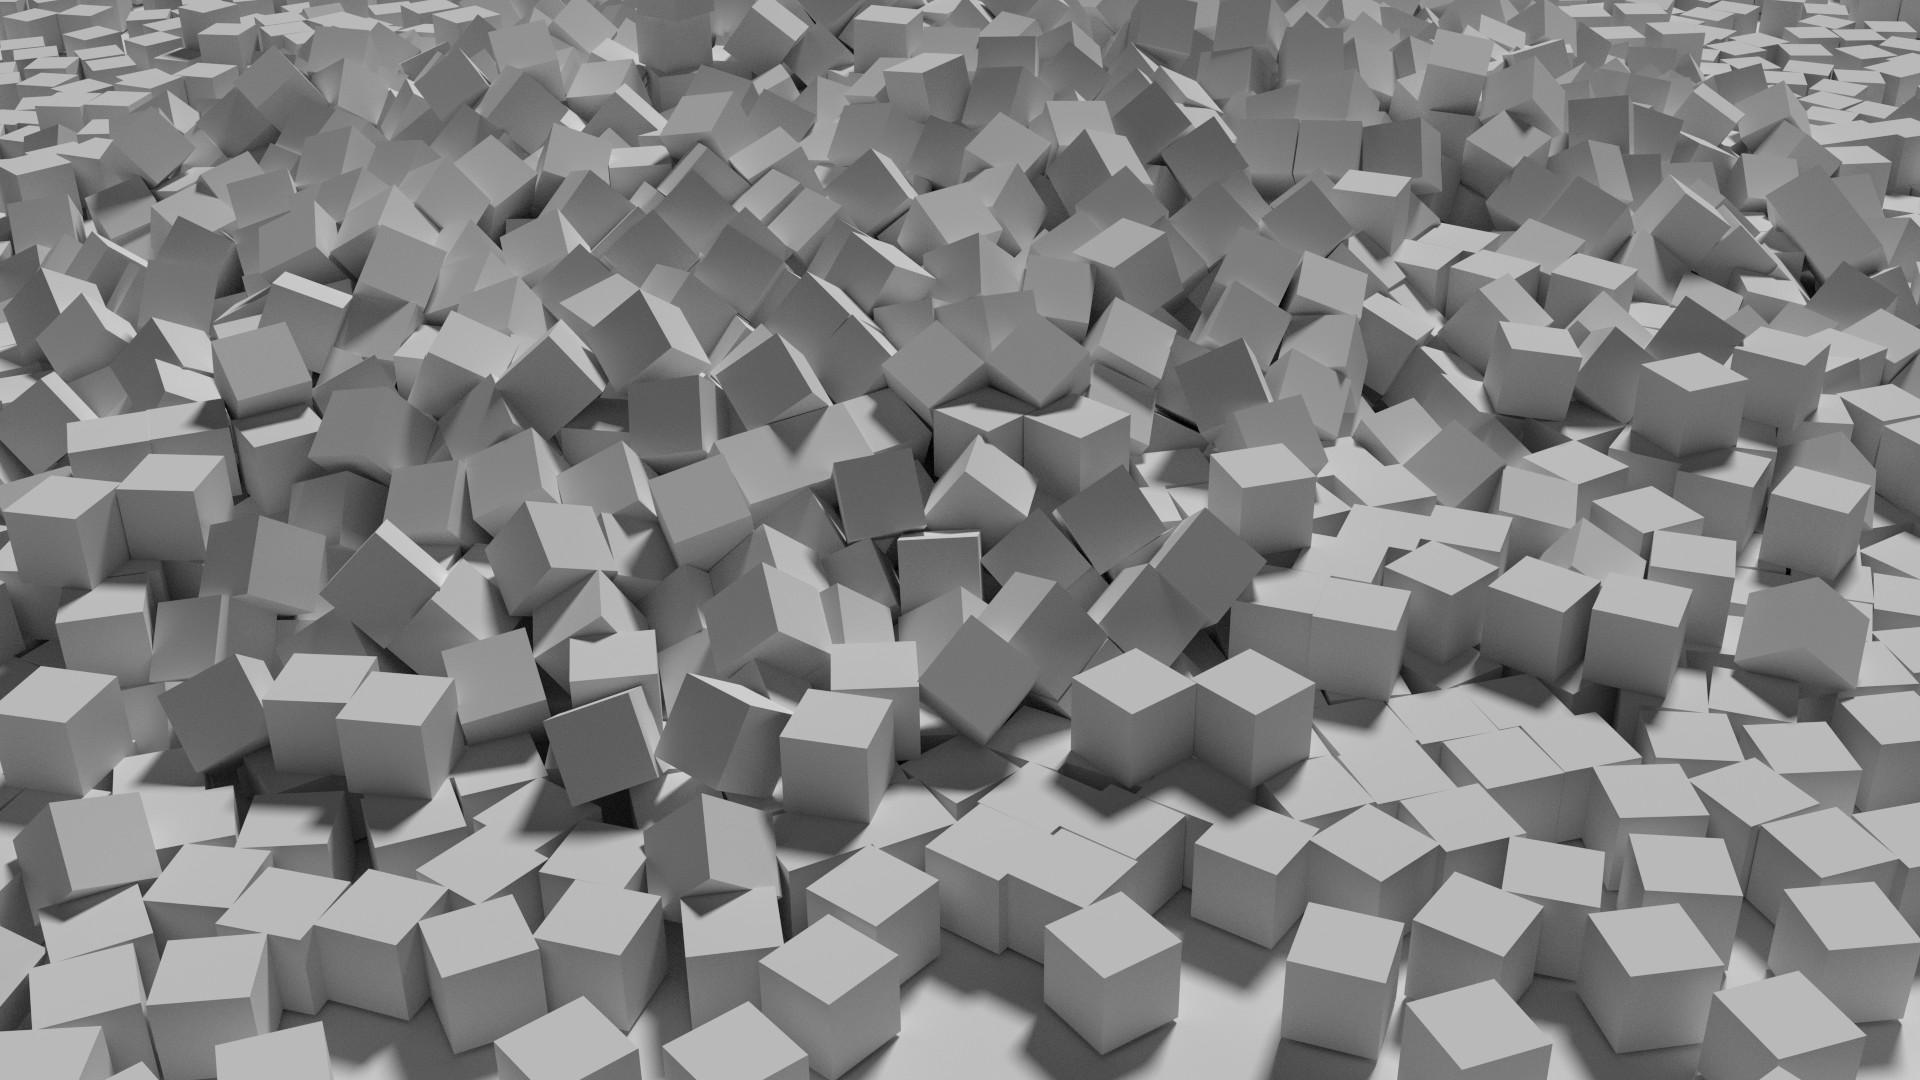 Many Cubes